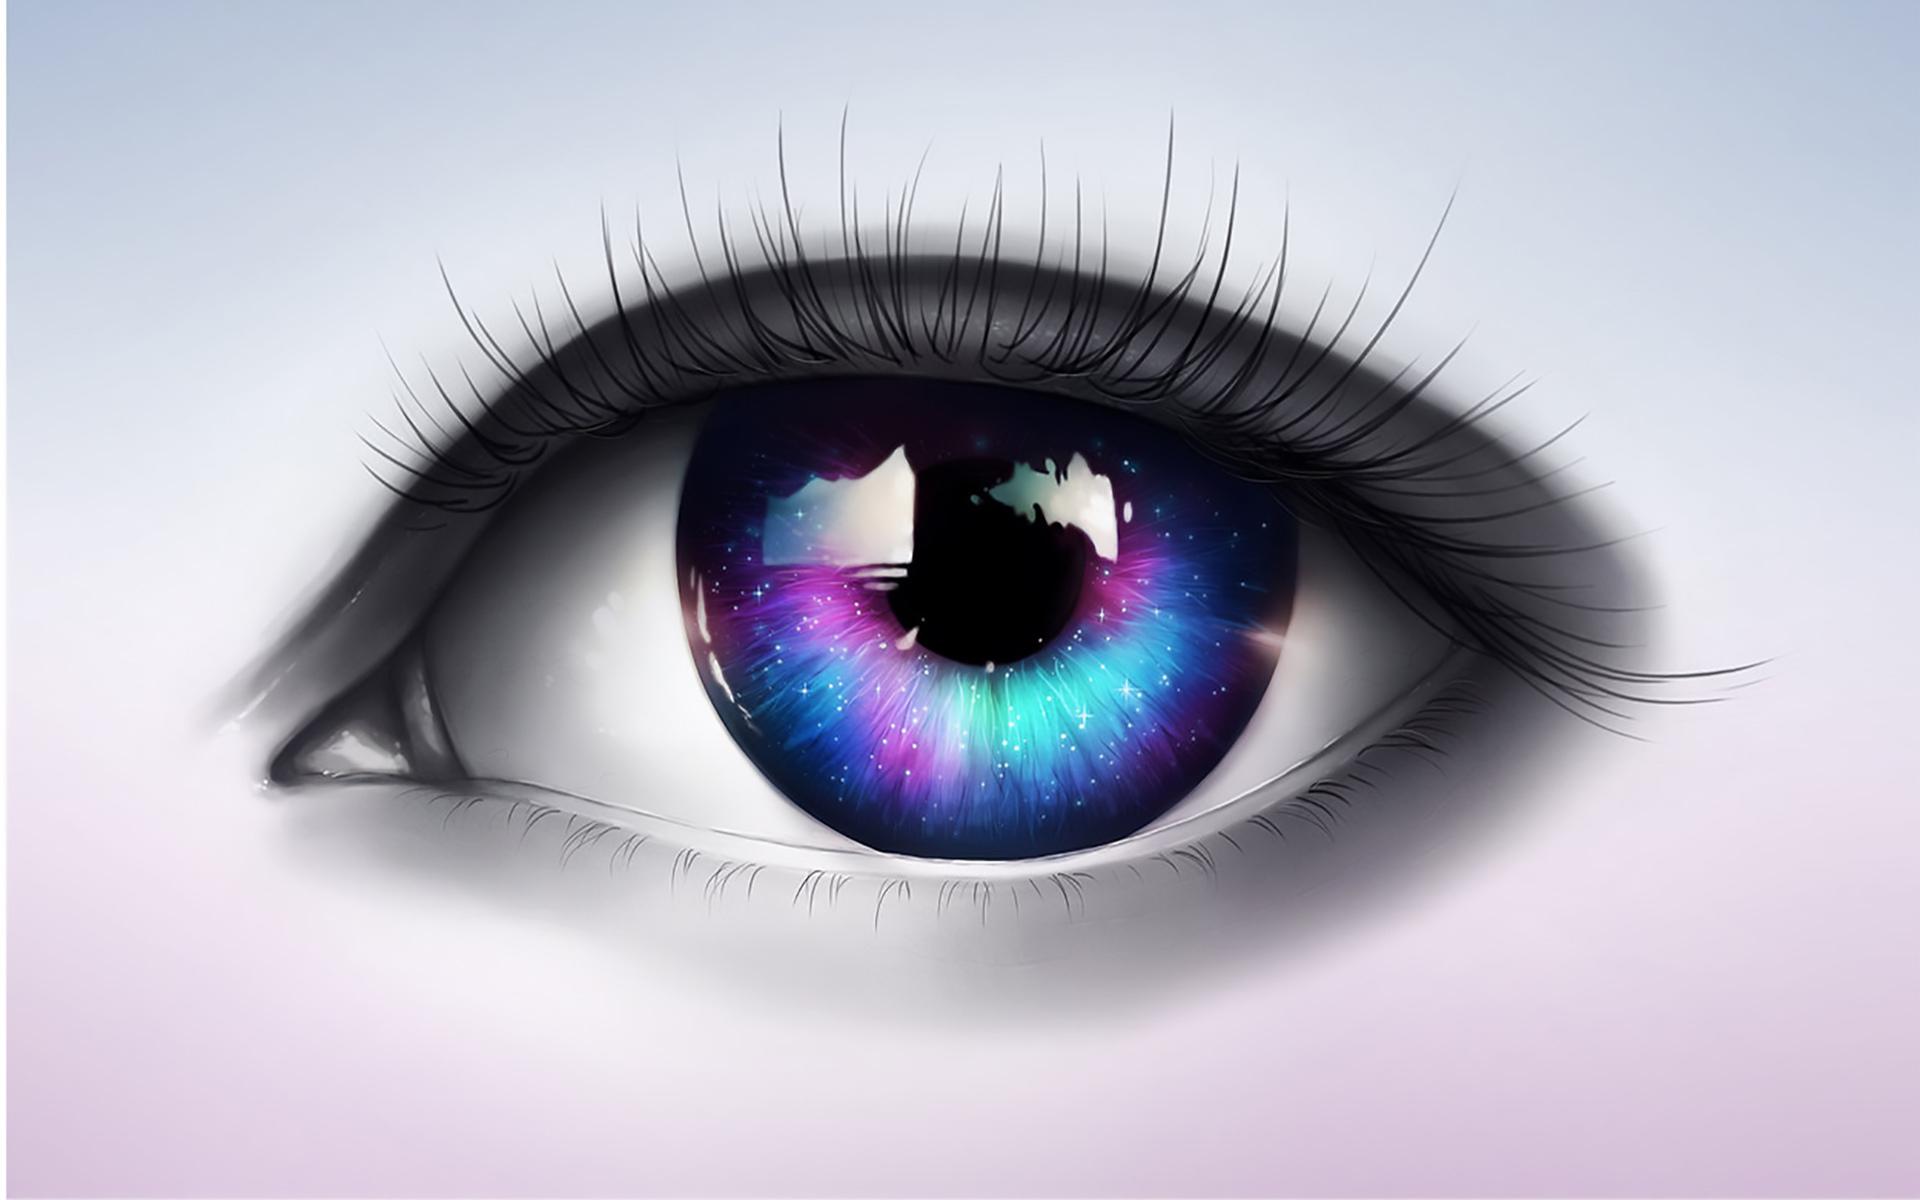 картинки с изображением глаза этой профессии